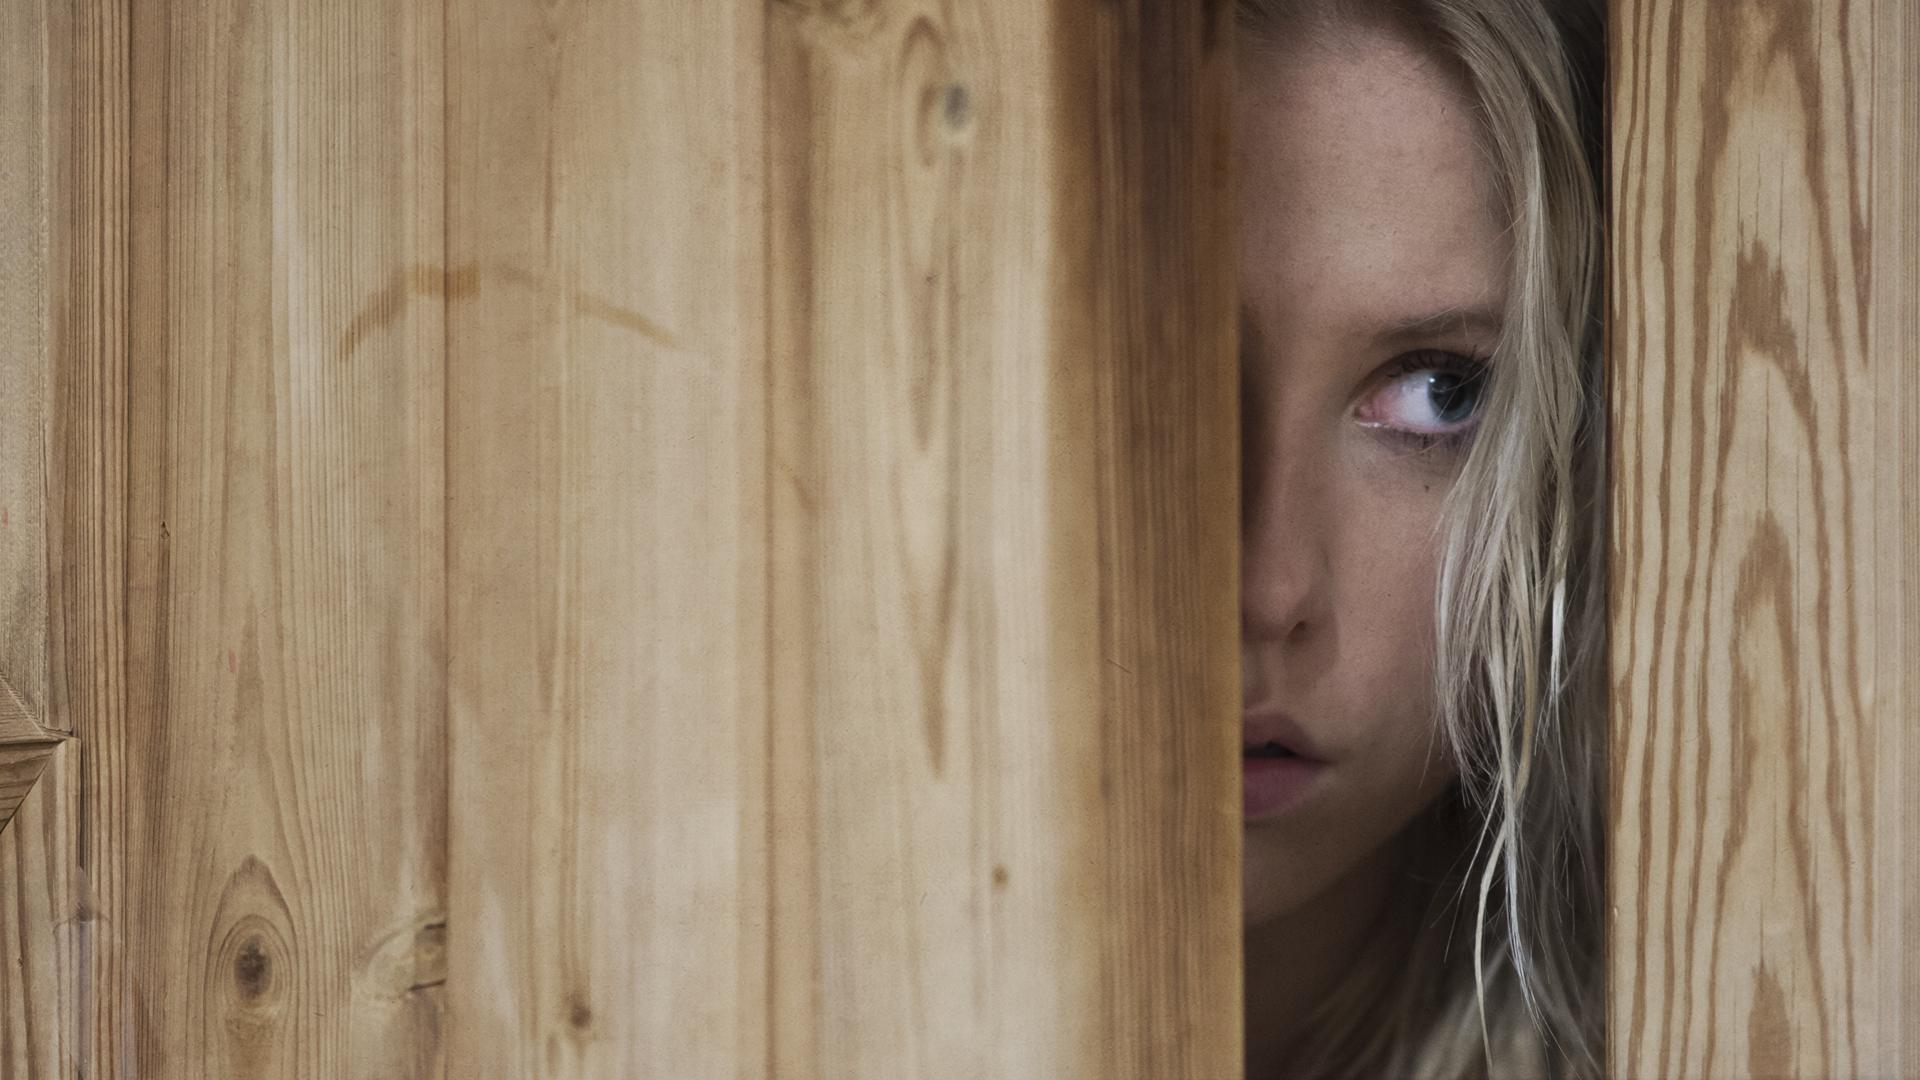 Louise dør_Clean - Lad De Døde Hvile (c) 2018 PURE FICTION FILM fotograf Sune Tølløse